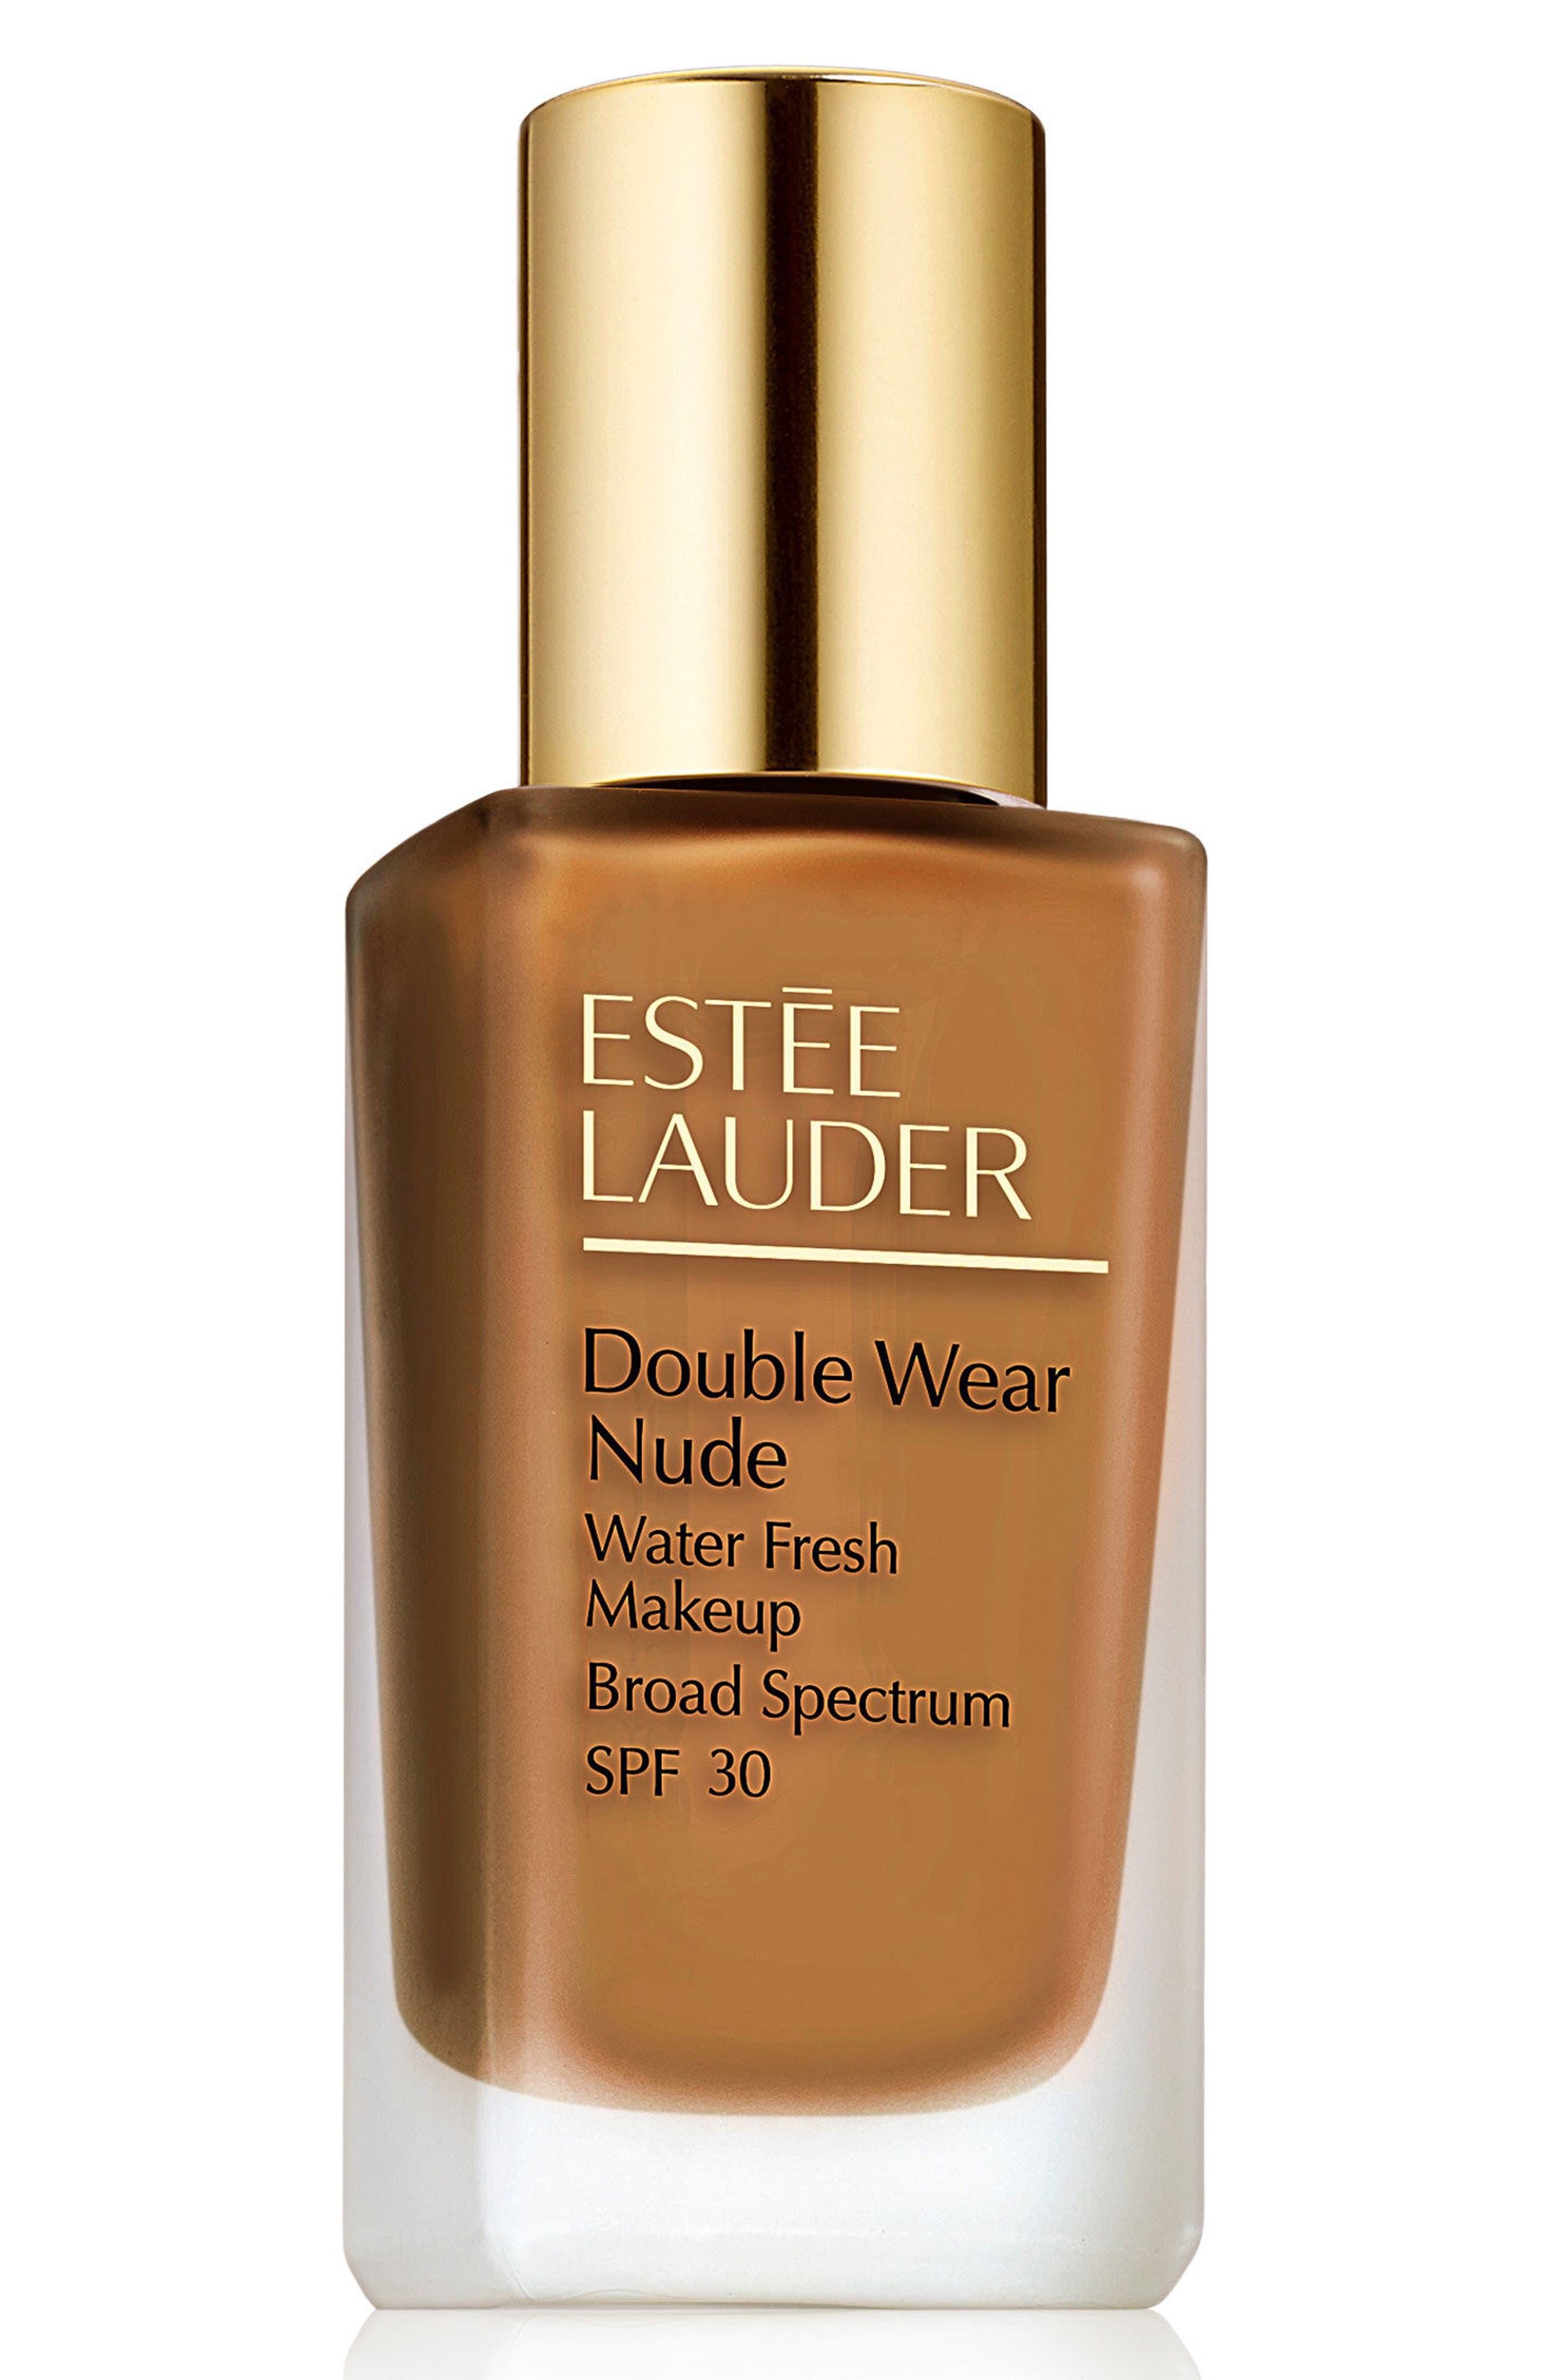 Estee Lauder Double Wear Nude Water Fresh Makeup Broad Spectrum Spf 30 - 6W1 Sandalwood